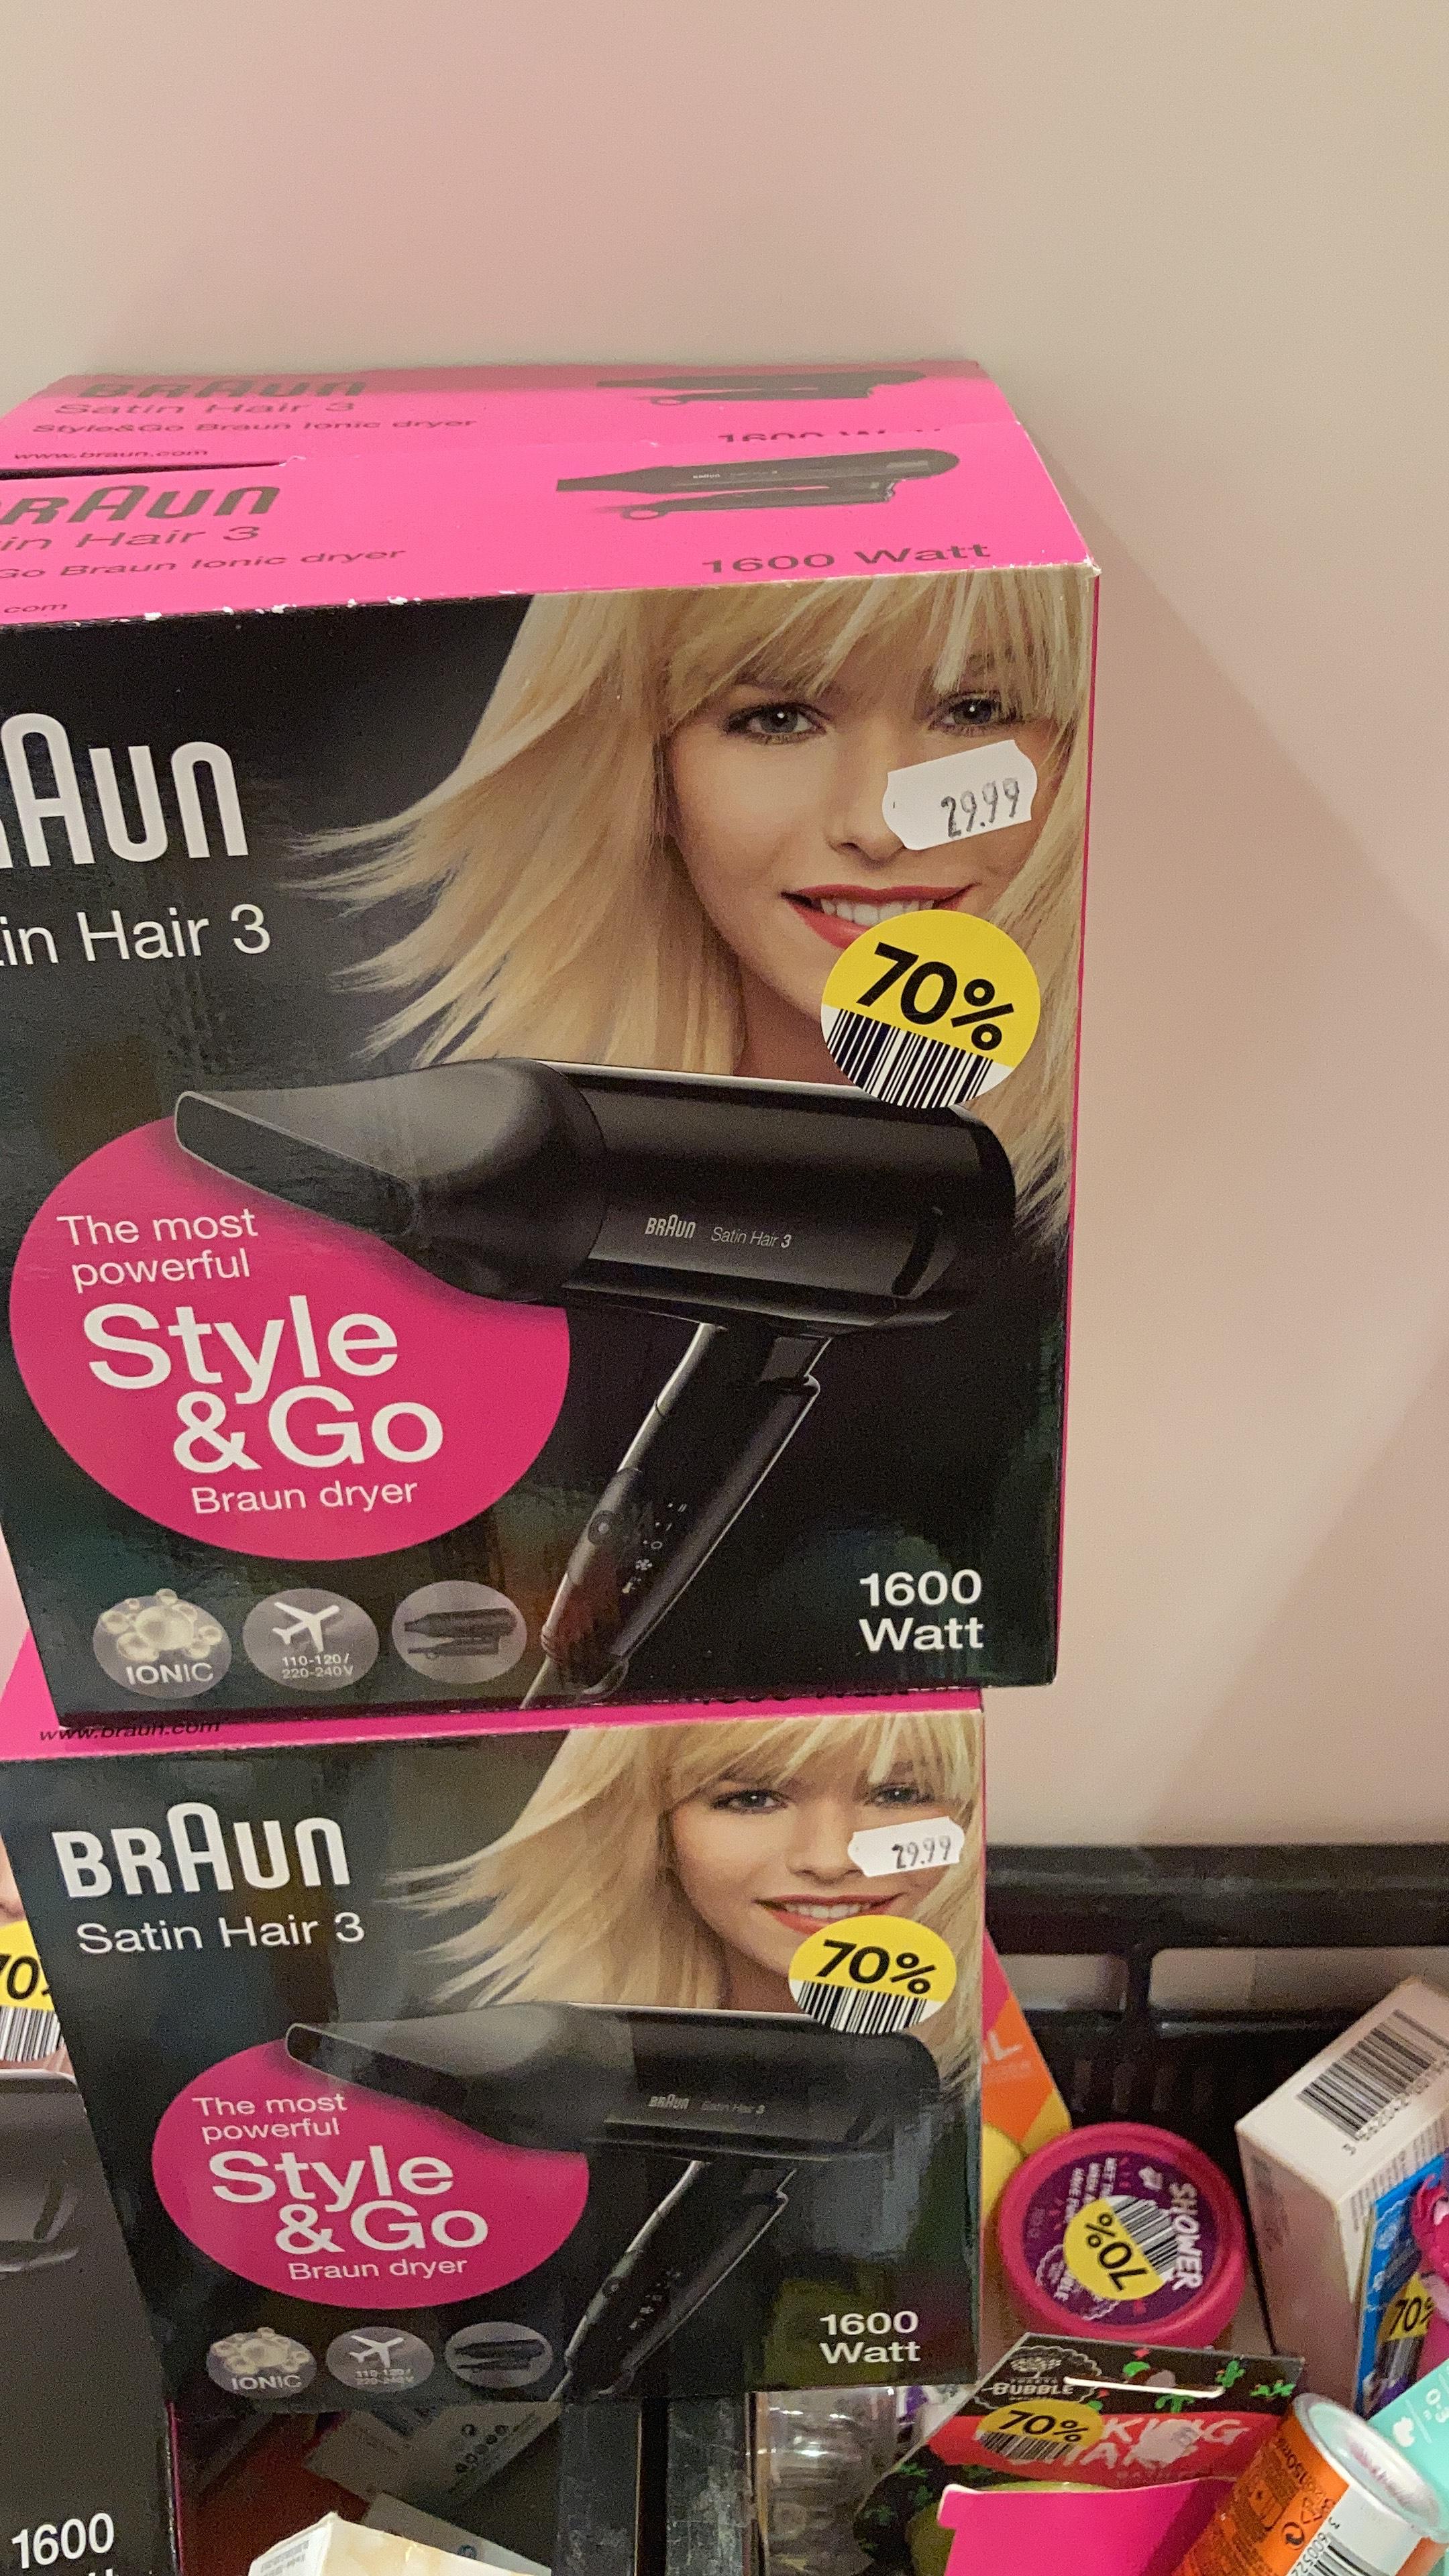 Braun Satin Hair 3 @ Etos